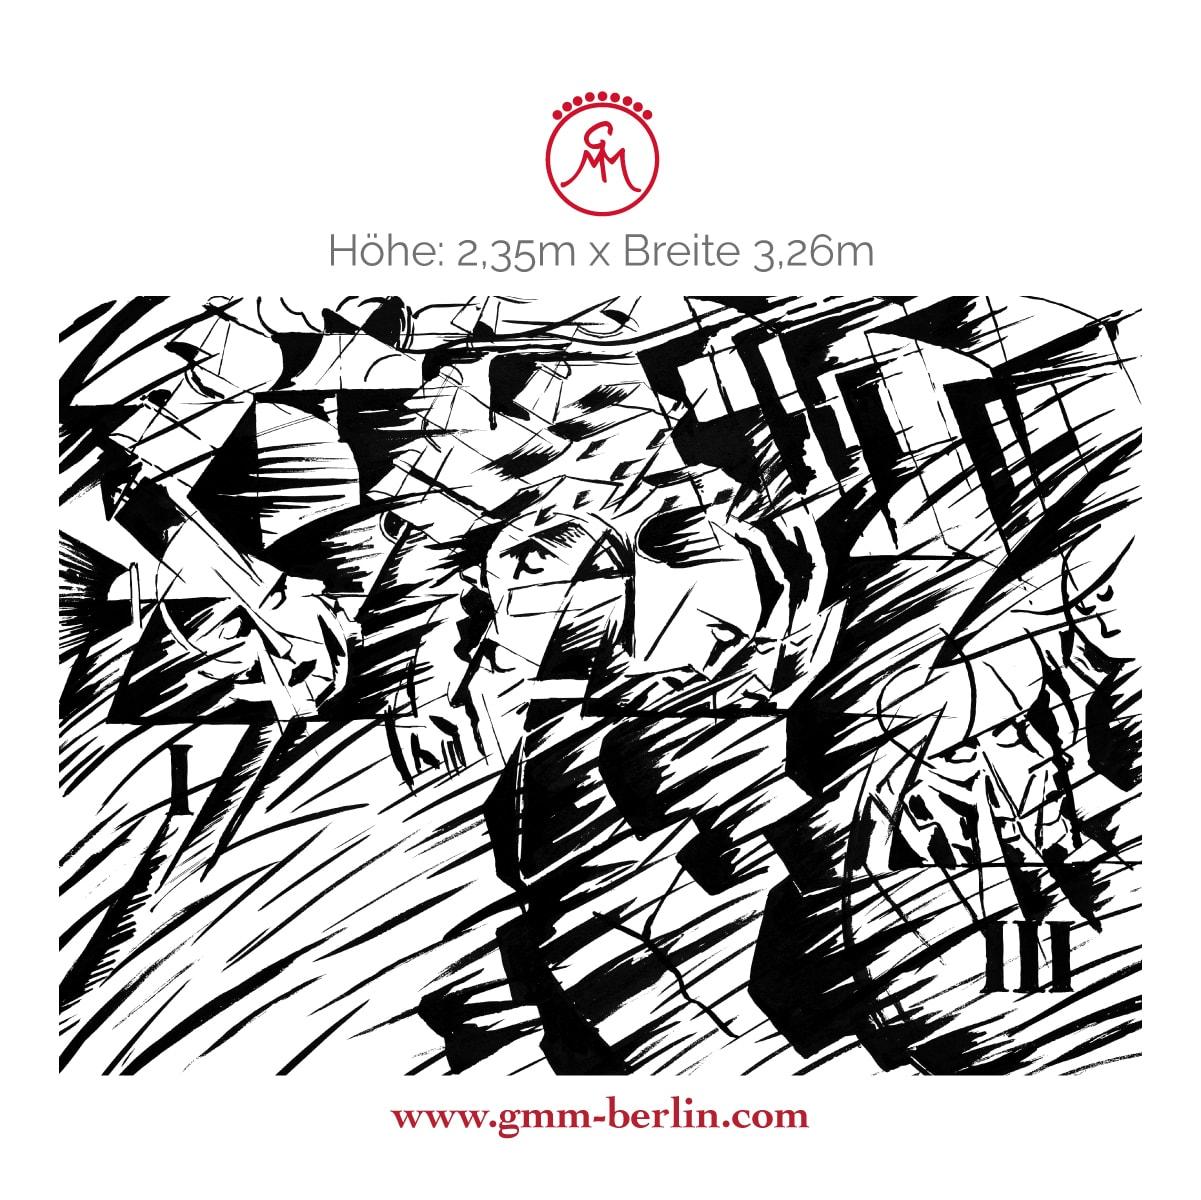 """Exkusive Panoramatapete: Kunst Tapete """"Jene die gehen"""" nach Umberto Boccioni"""